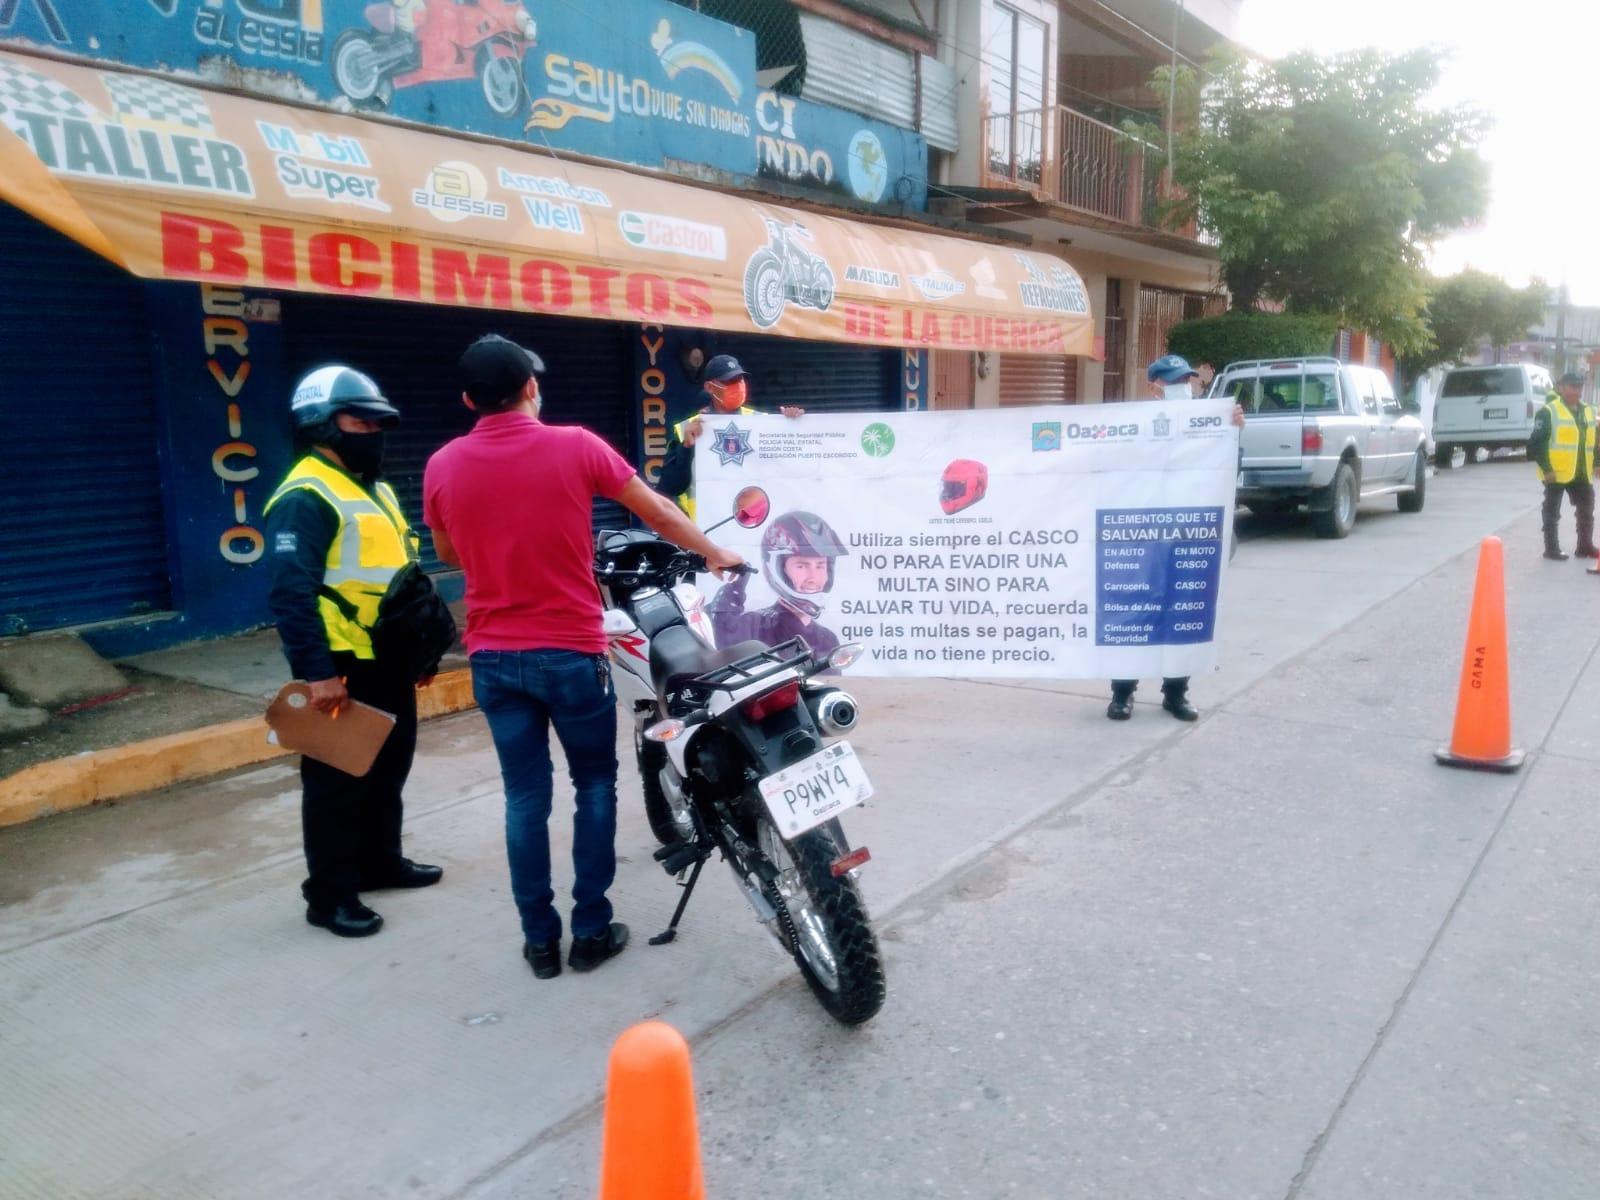 Montan operativo de revisión de motociclistas, salvar vidas es la prioridad